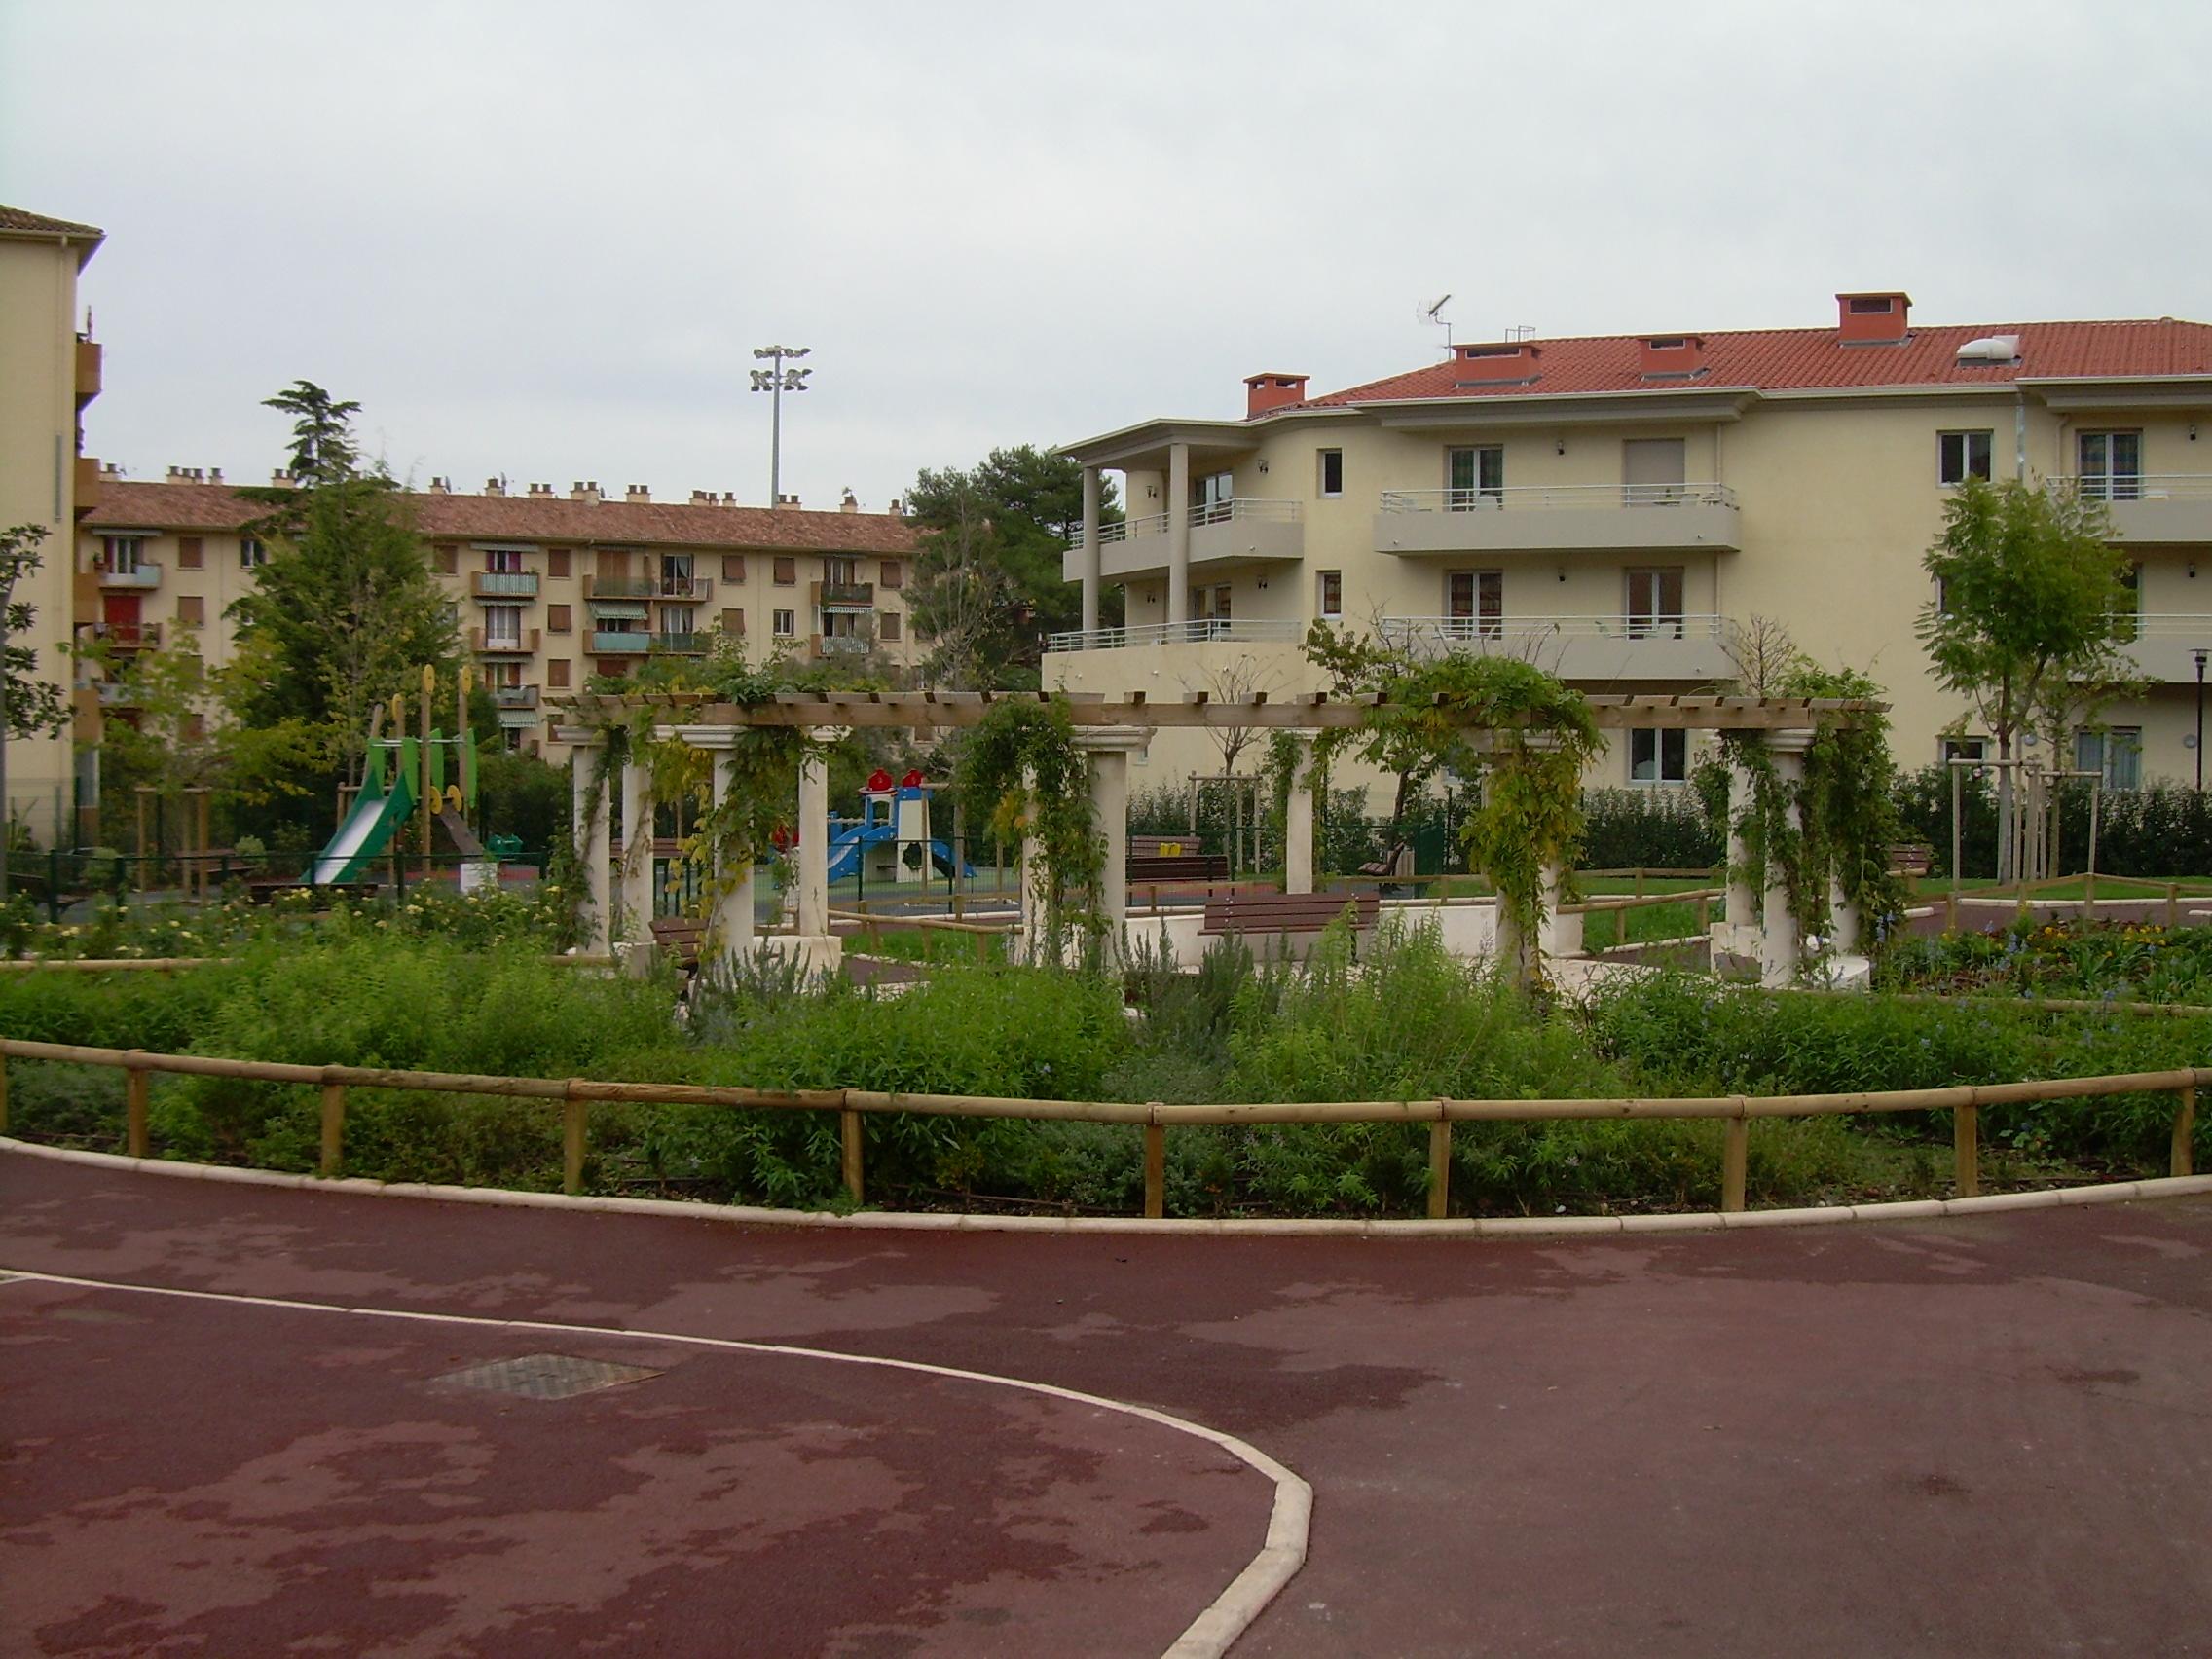 Jardins publics site officiel de la ville de vallauris for Le jardin cannes